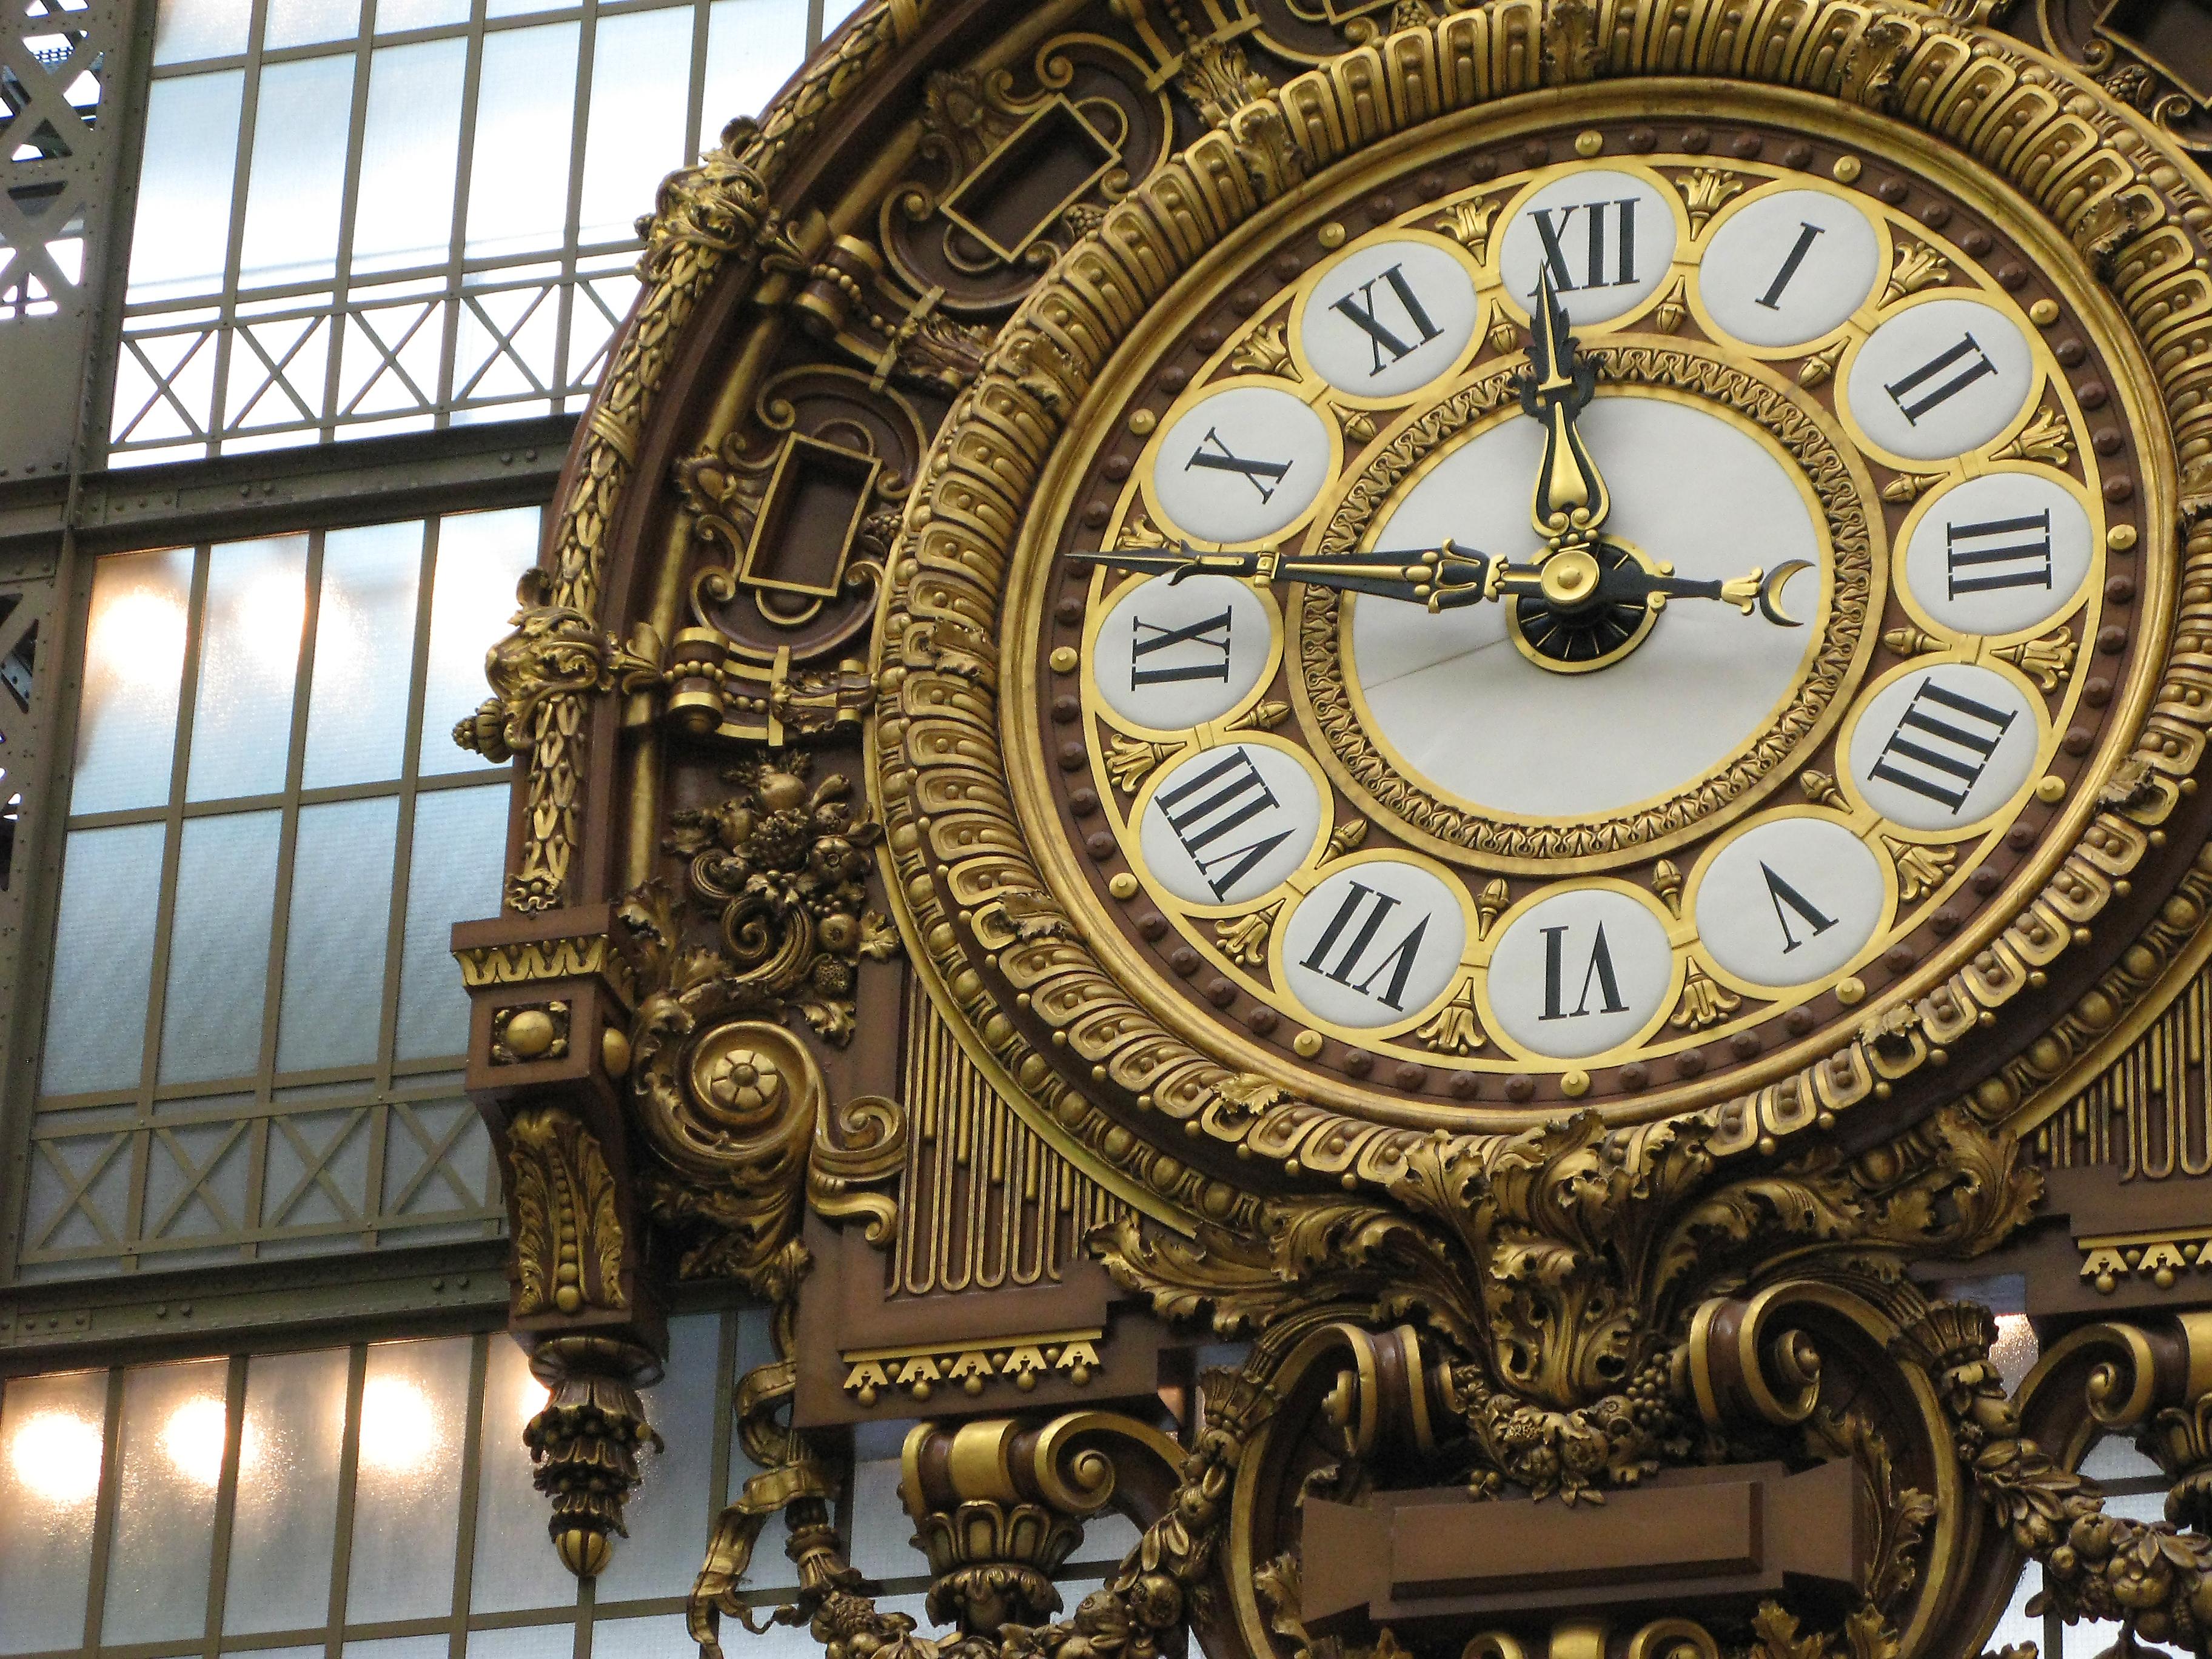 musee-d'orsay-clock-paris